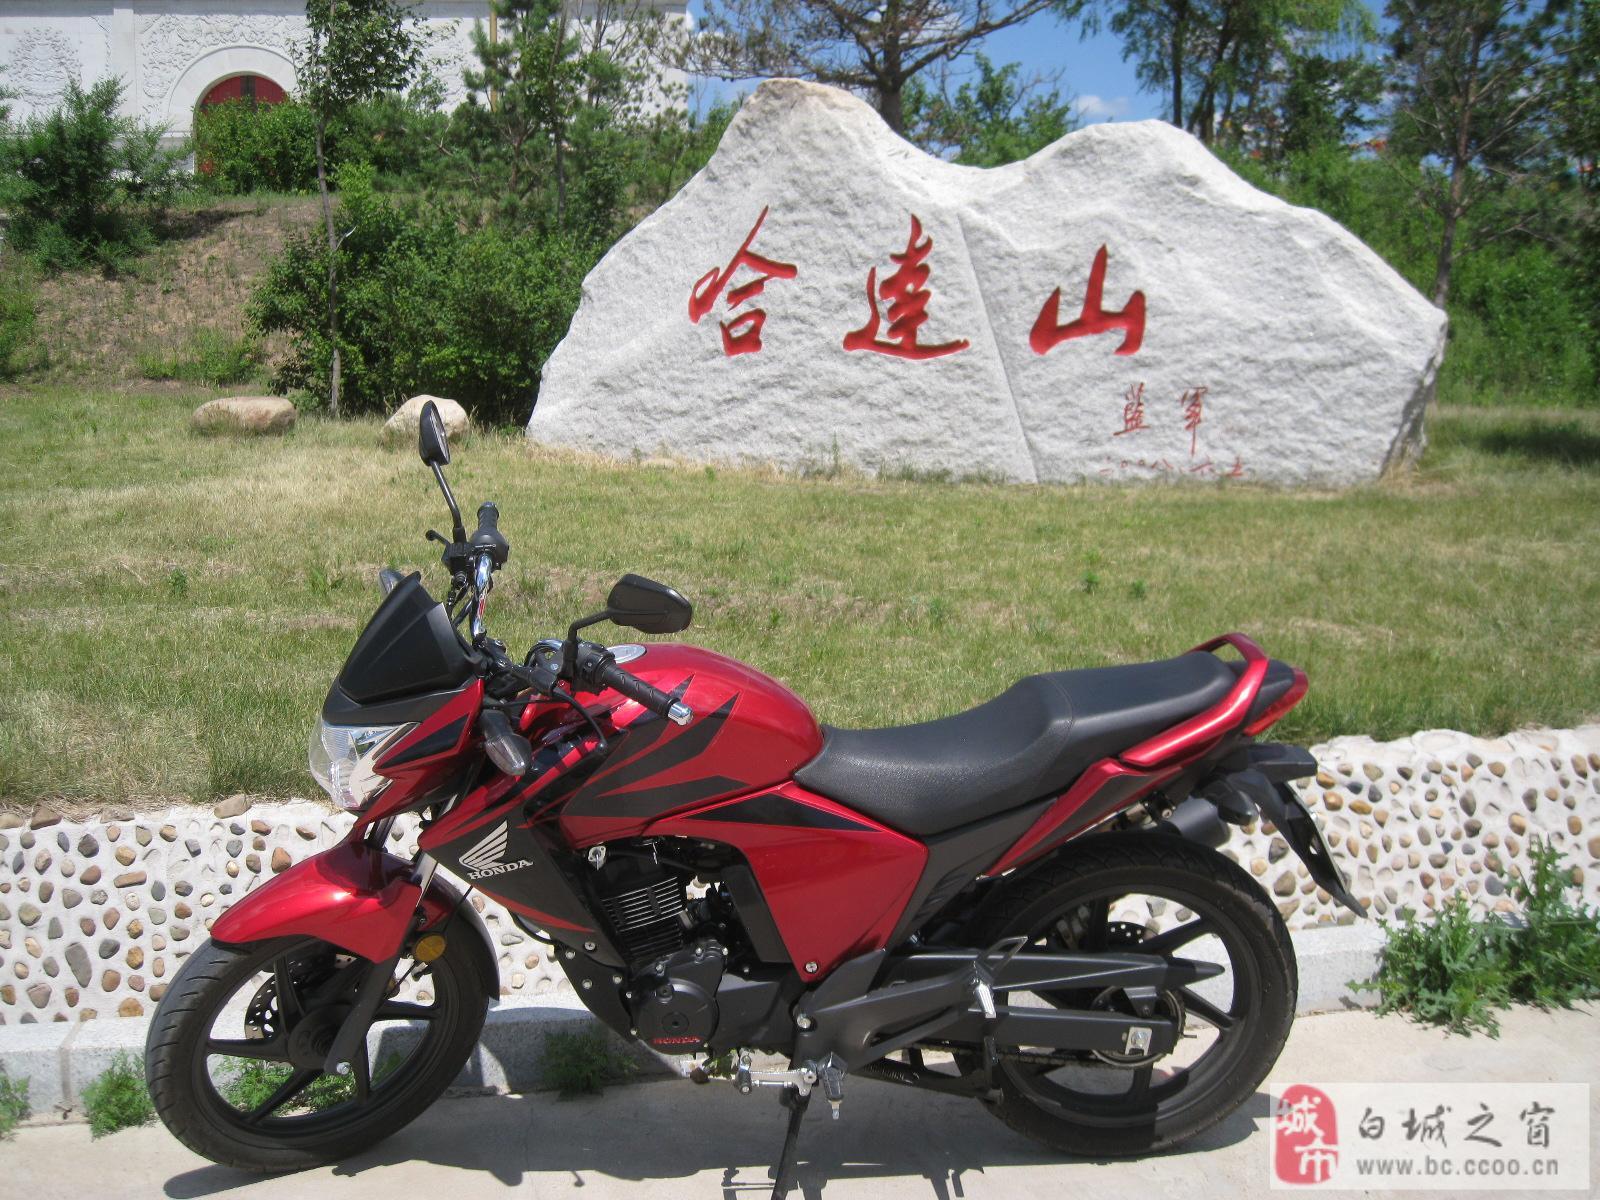 摩托车日记:哈达山2013